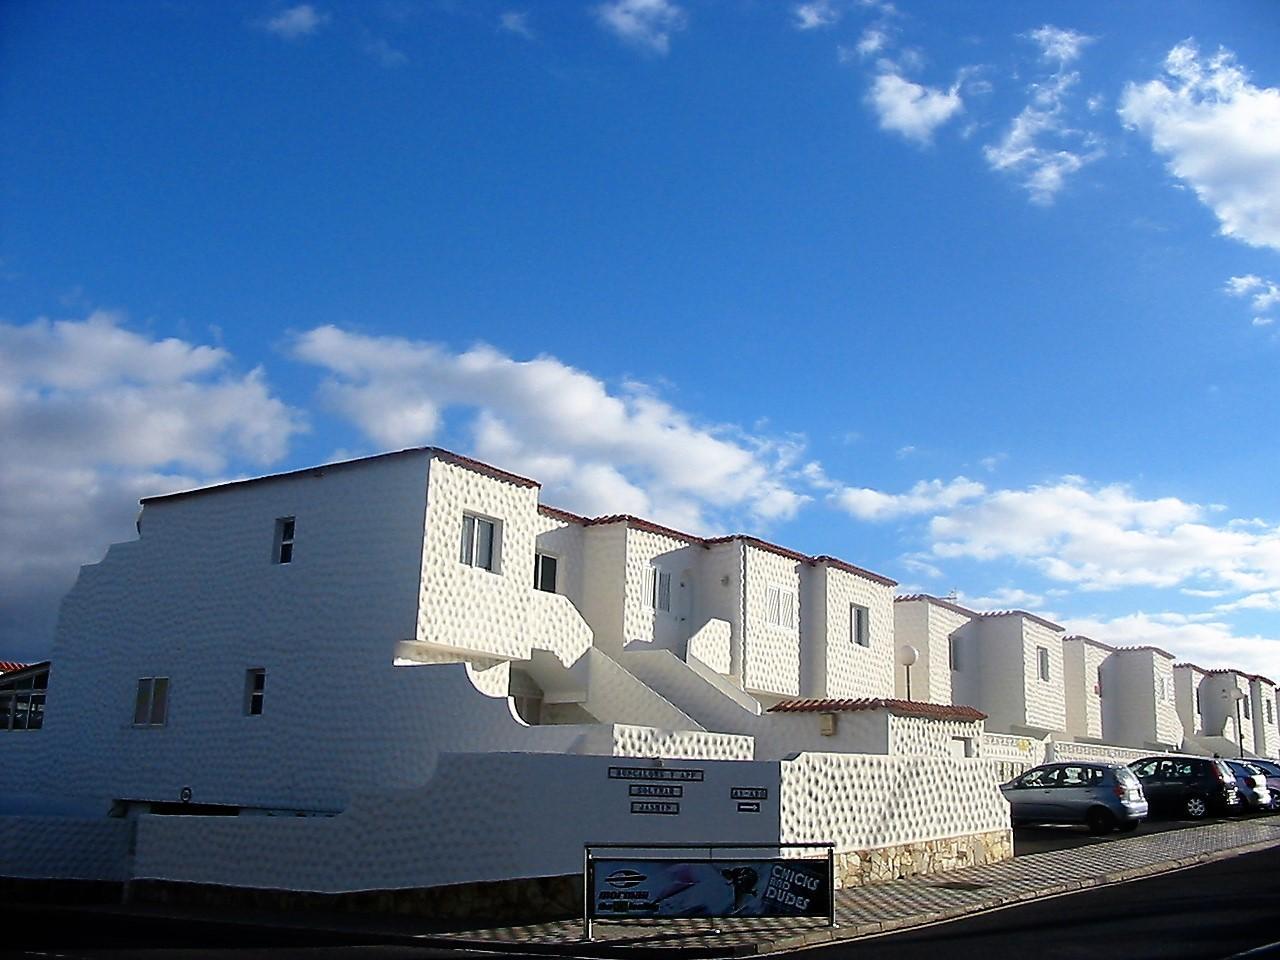 Ferienwohnung Penthouse / Apt. in der besten Gegend von Costa Calma, mit Blick auf eine große Terrasse a (487472), Costa Calma, Fuerteventura, Kanarische Inseln, Spanien, Bild 17